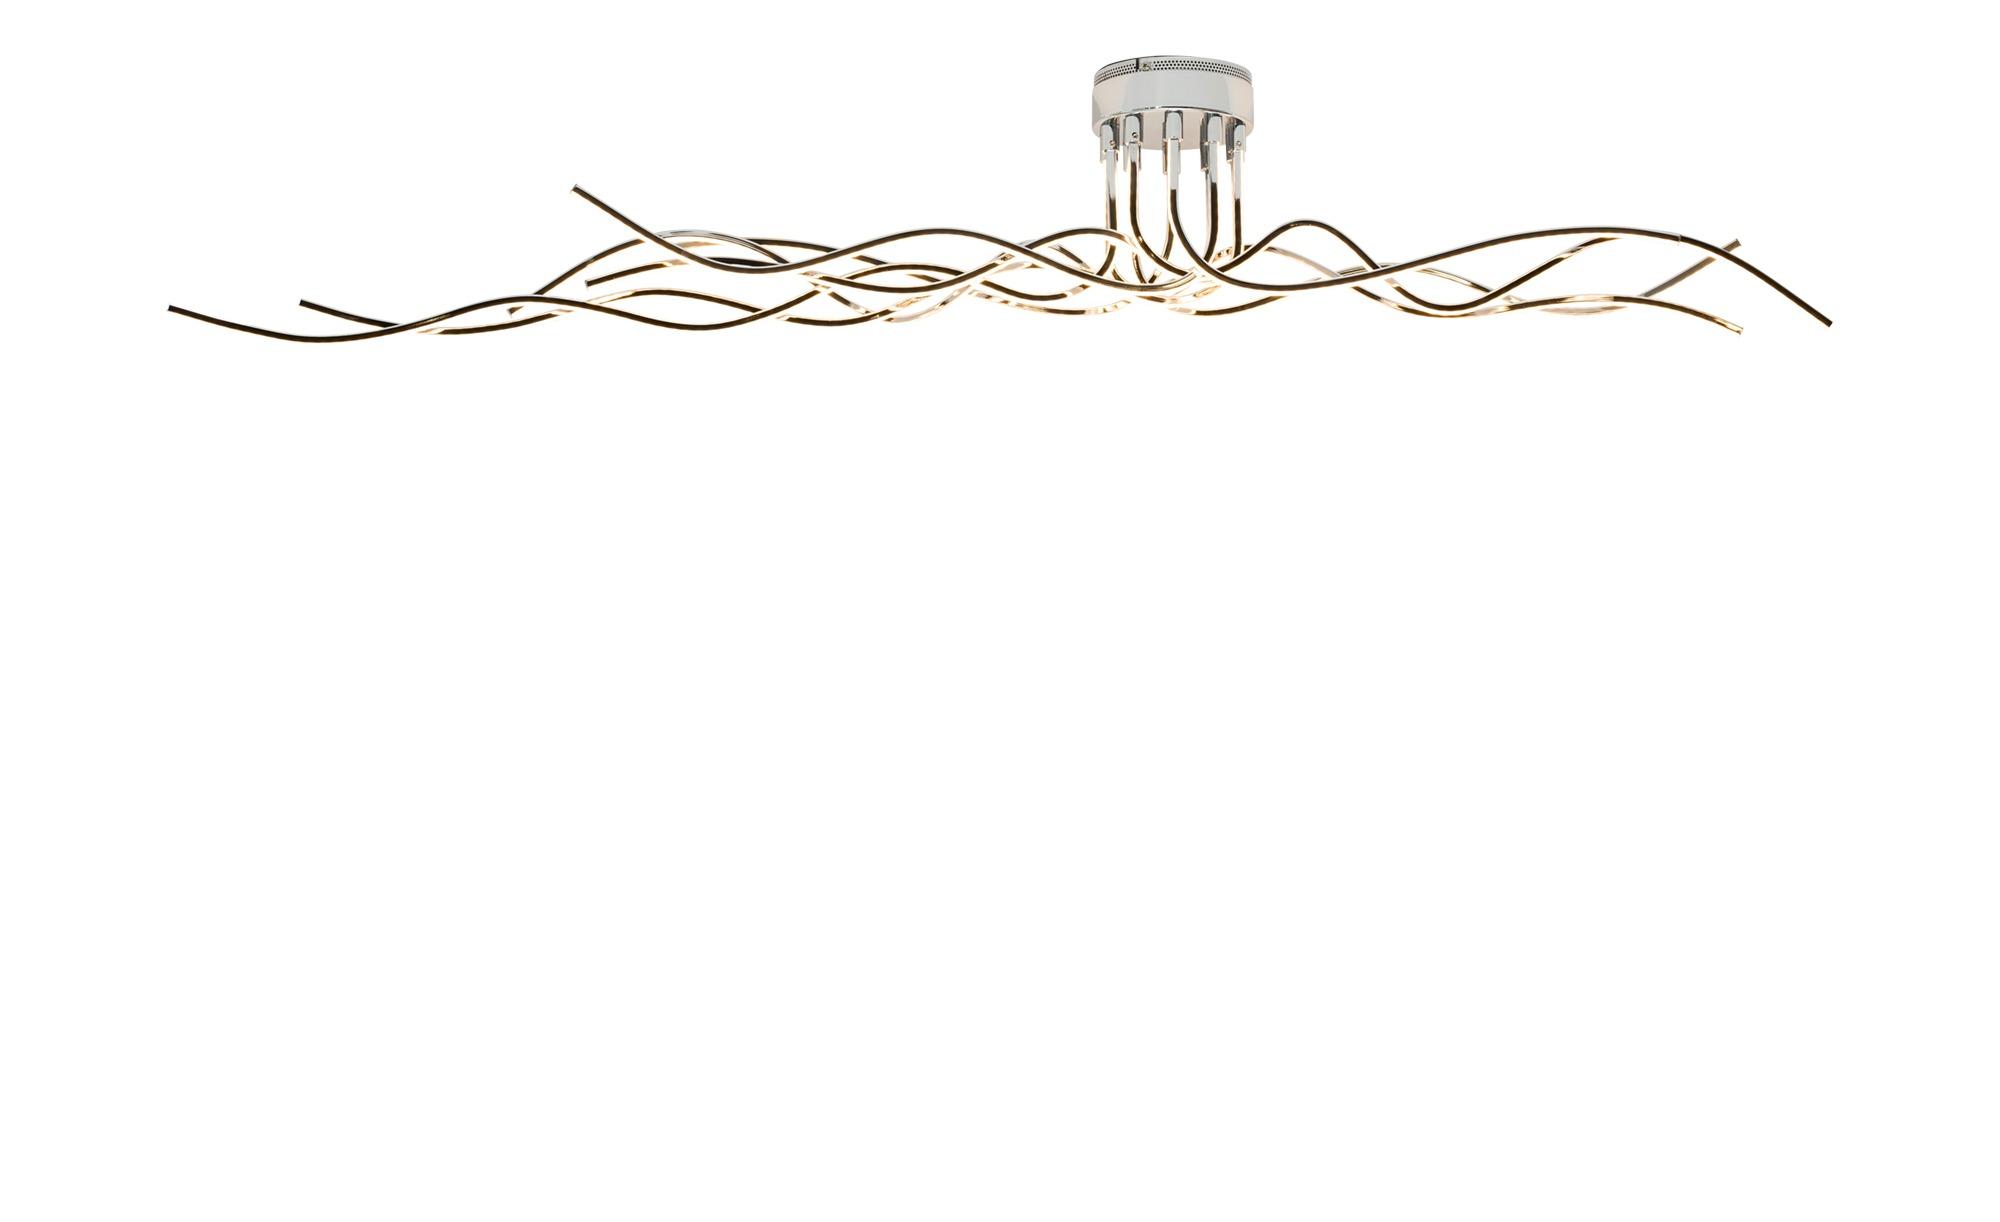 Wofi LED Deckenleuchte Chrom-Arme wellenform ¦ silber ¦ Maße (cm): B: 150 H: 20 Lampen & Leuchten > Innenleuchten > Deckenleuchten - Höffner